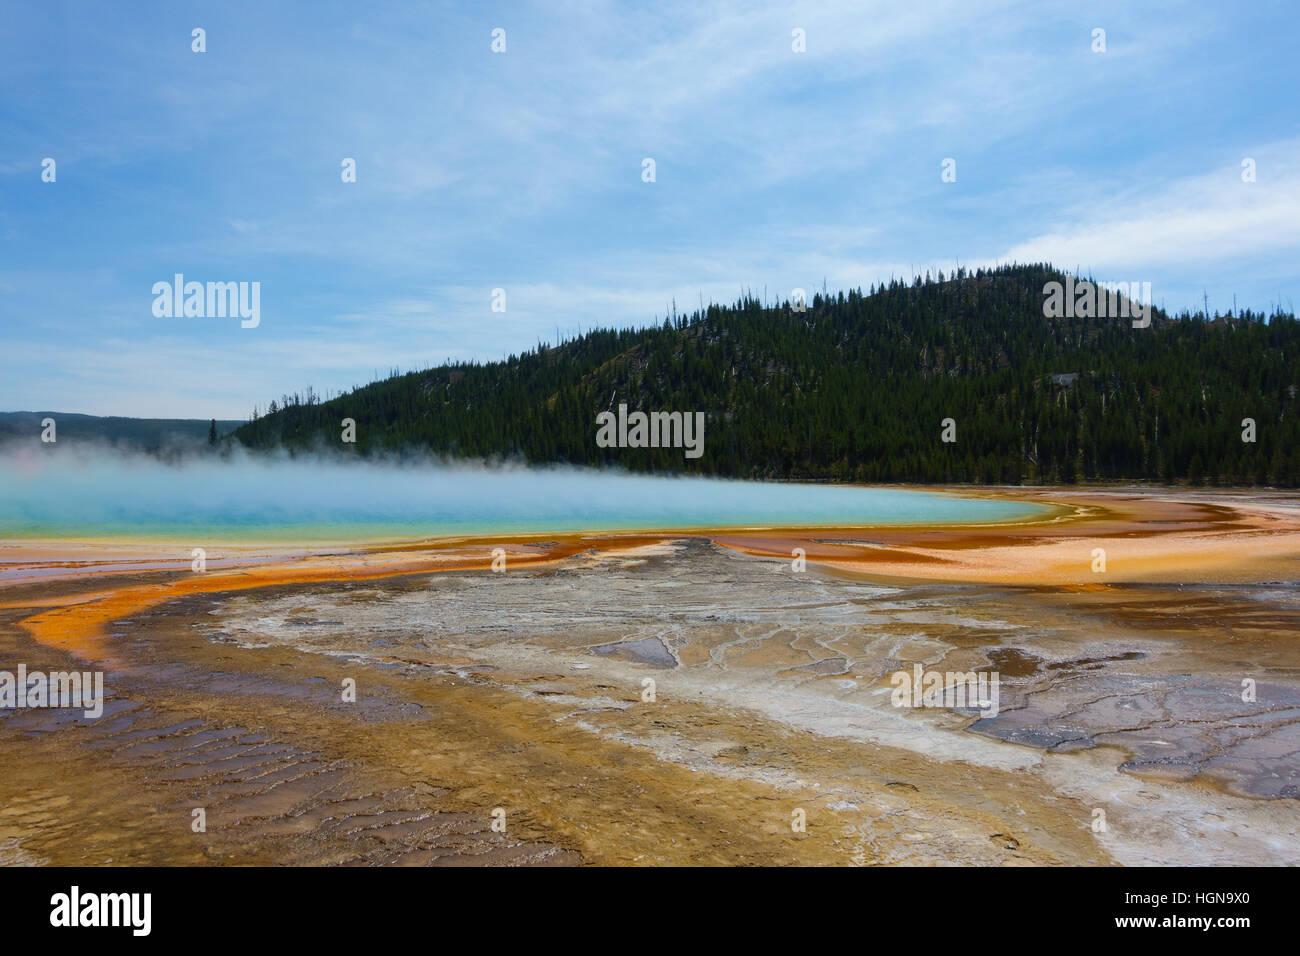 Famoso rastro de Grand Prismatic Springs en el Parque Nacional de Yellowstone. Hermosas termas con colores vivos Foto de stock